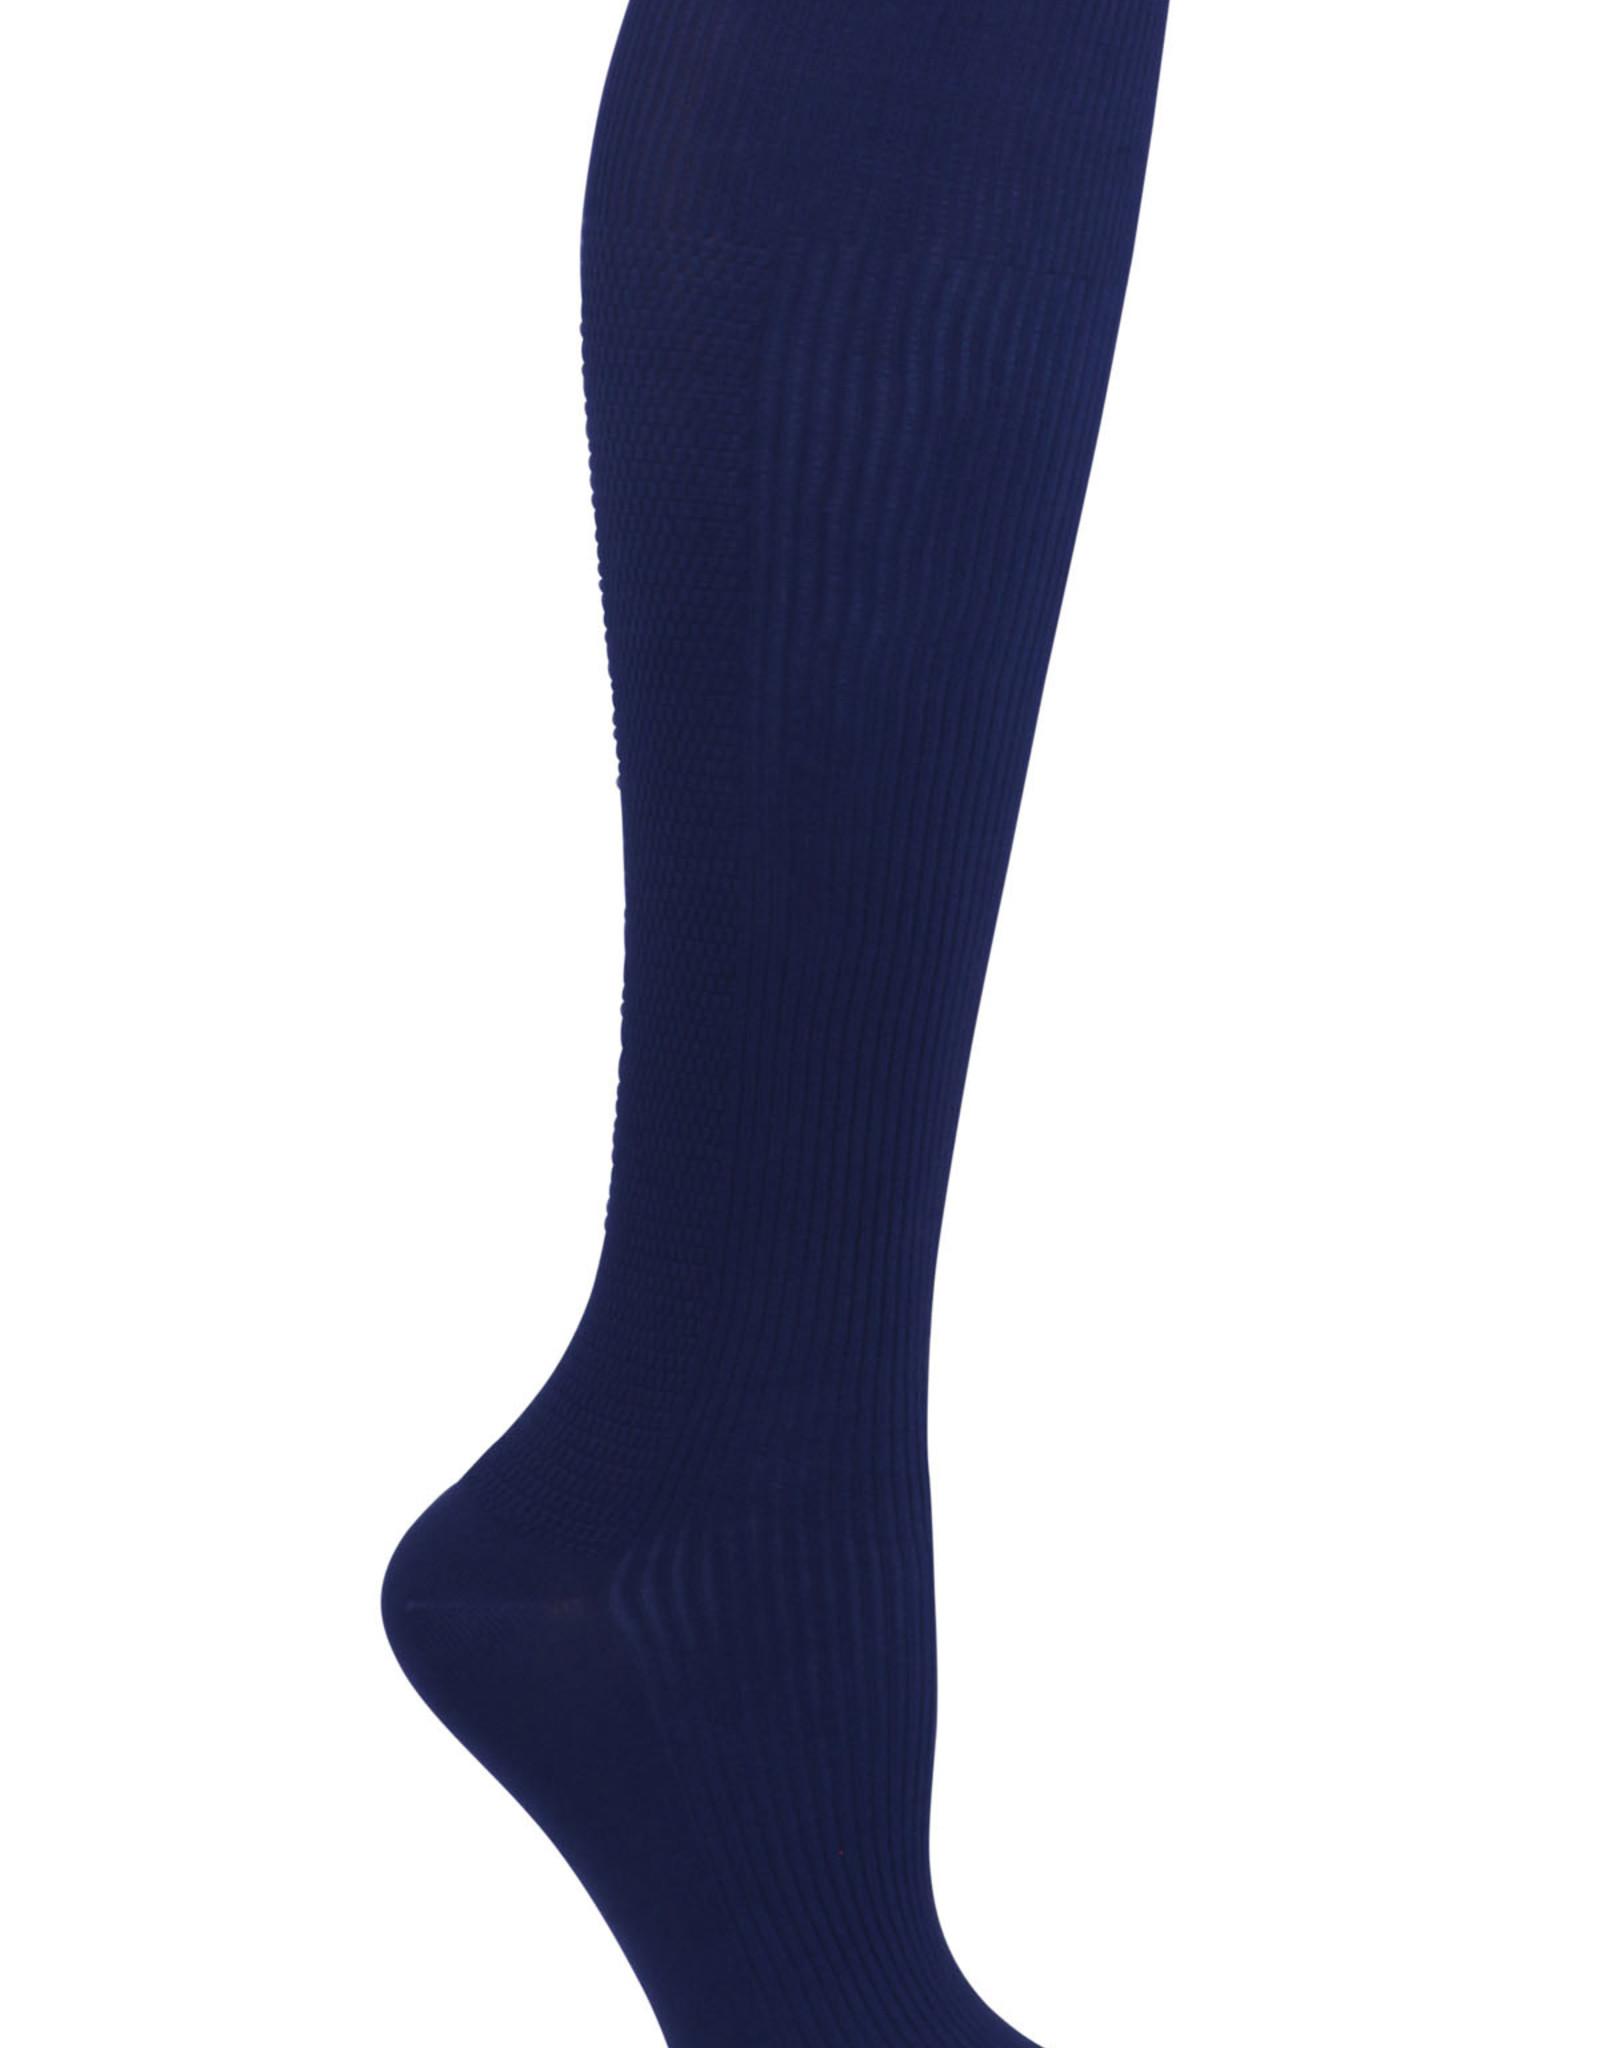 Mens 8-12 Compression Sock solid